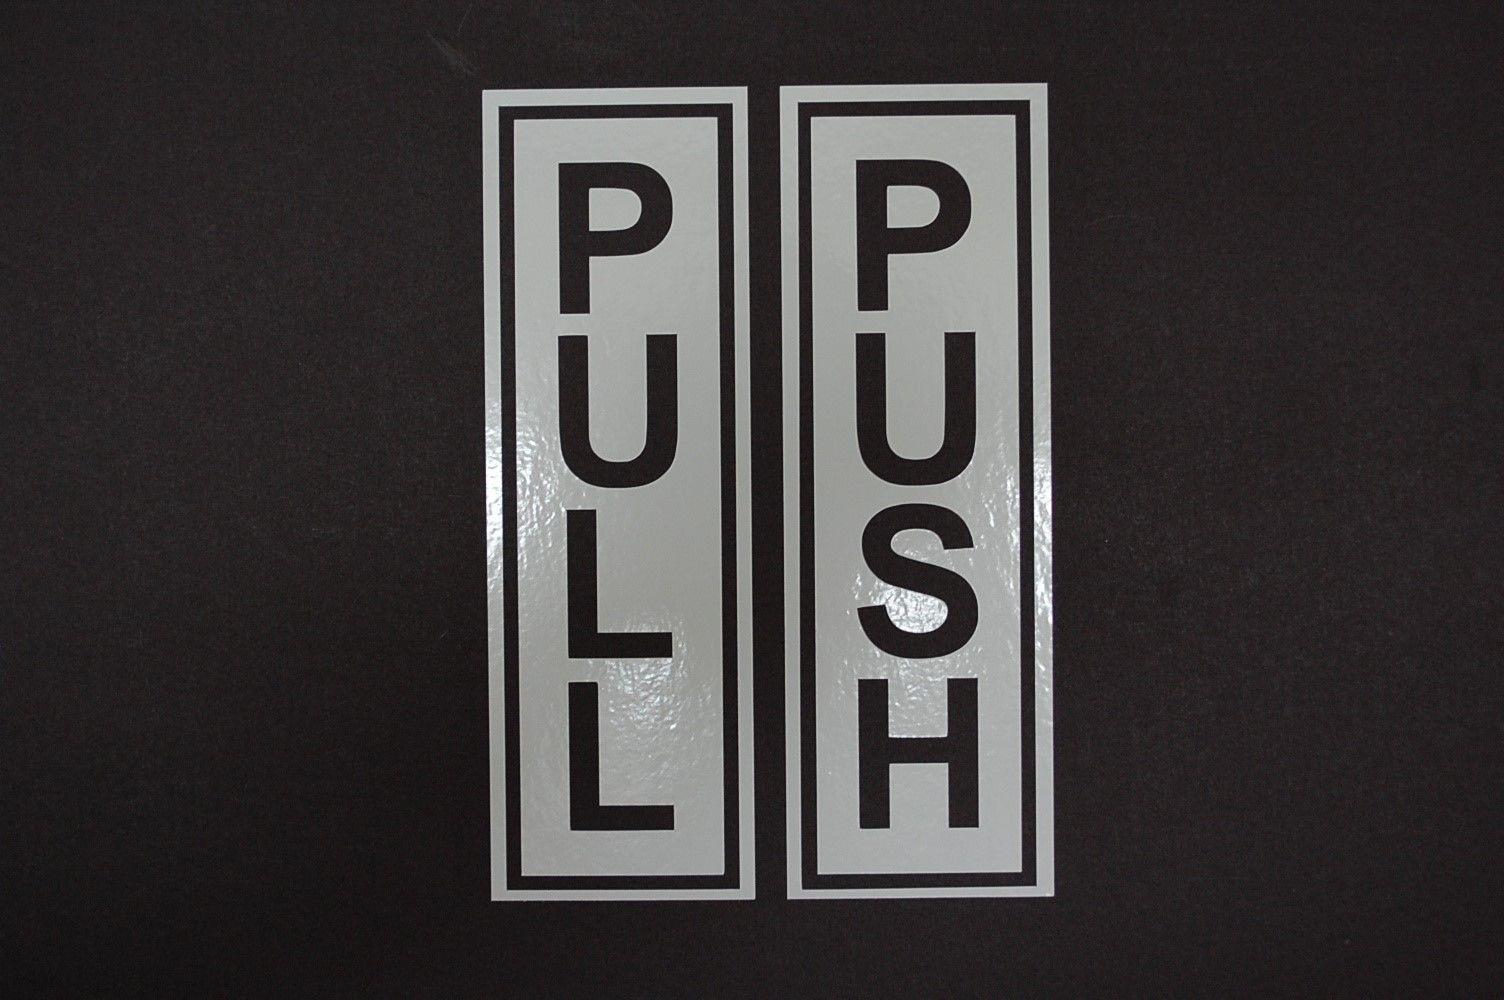 Push Pull Door Sticker 2 Piece Open Sign Vinyl Decal 15cm